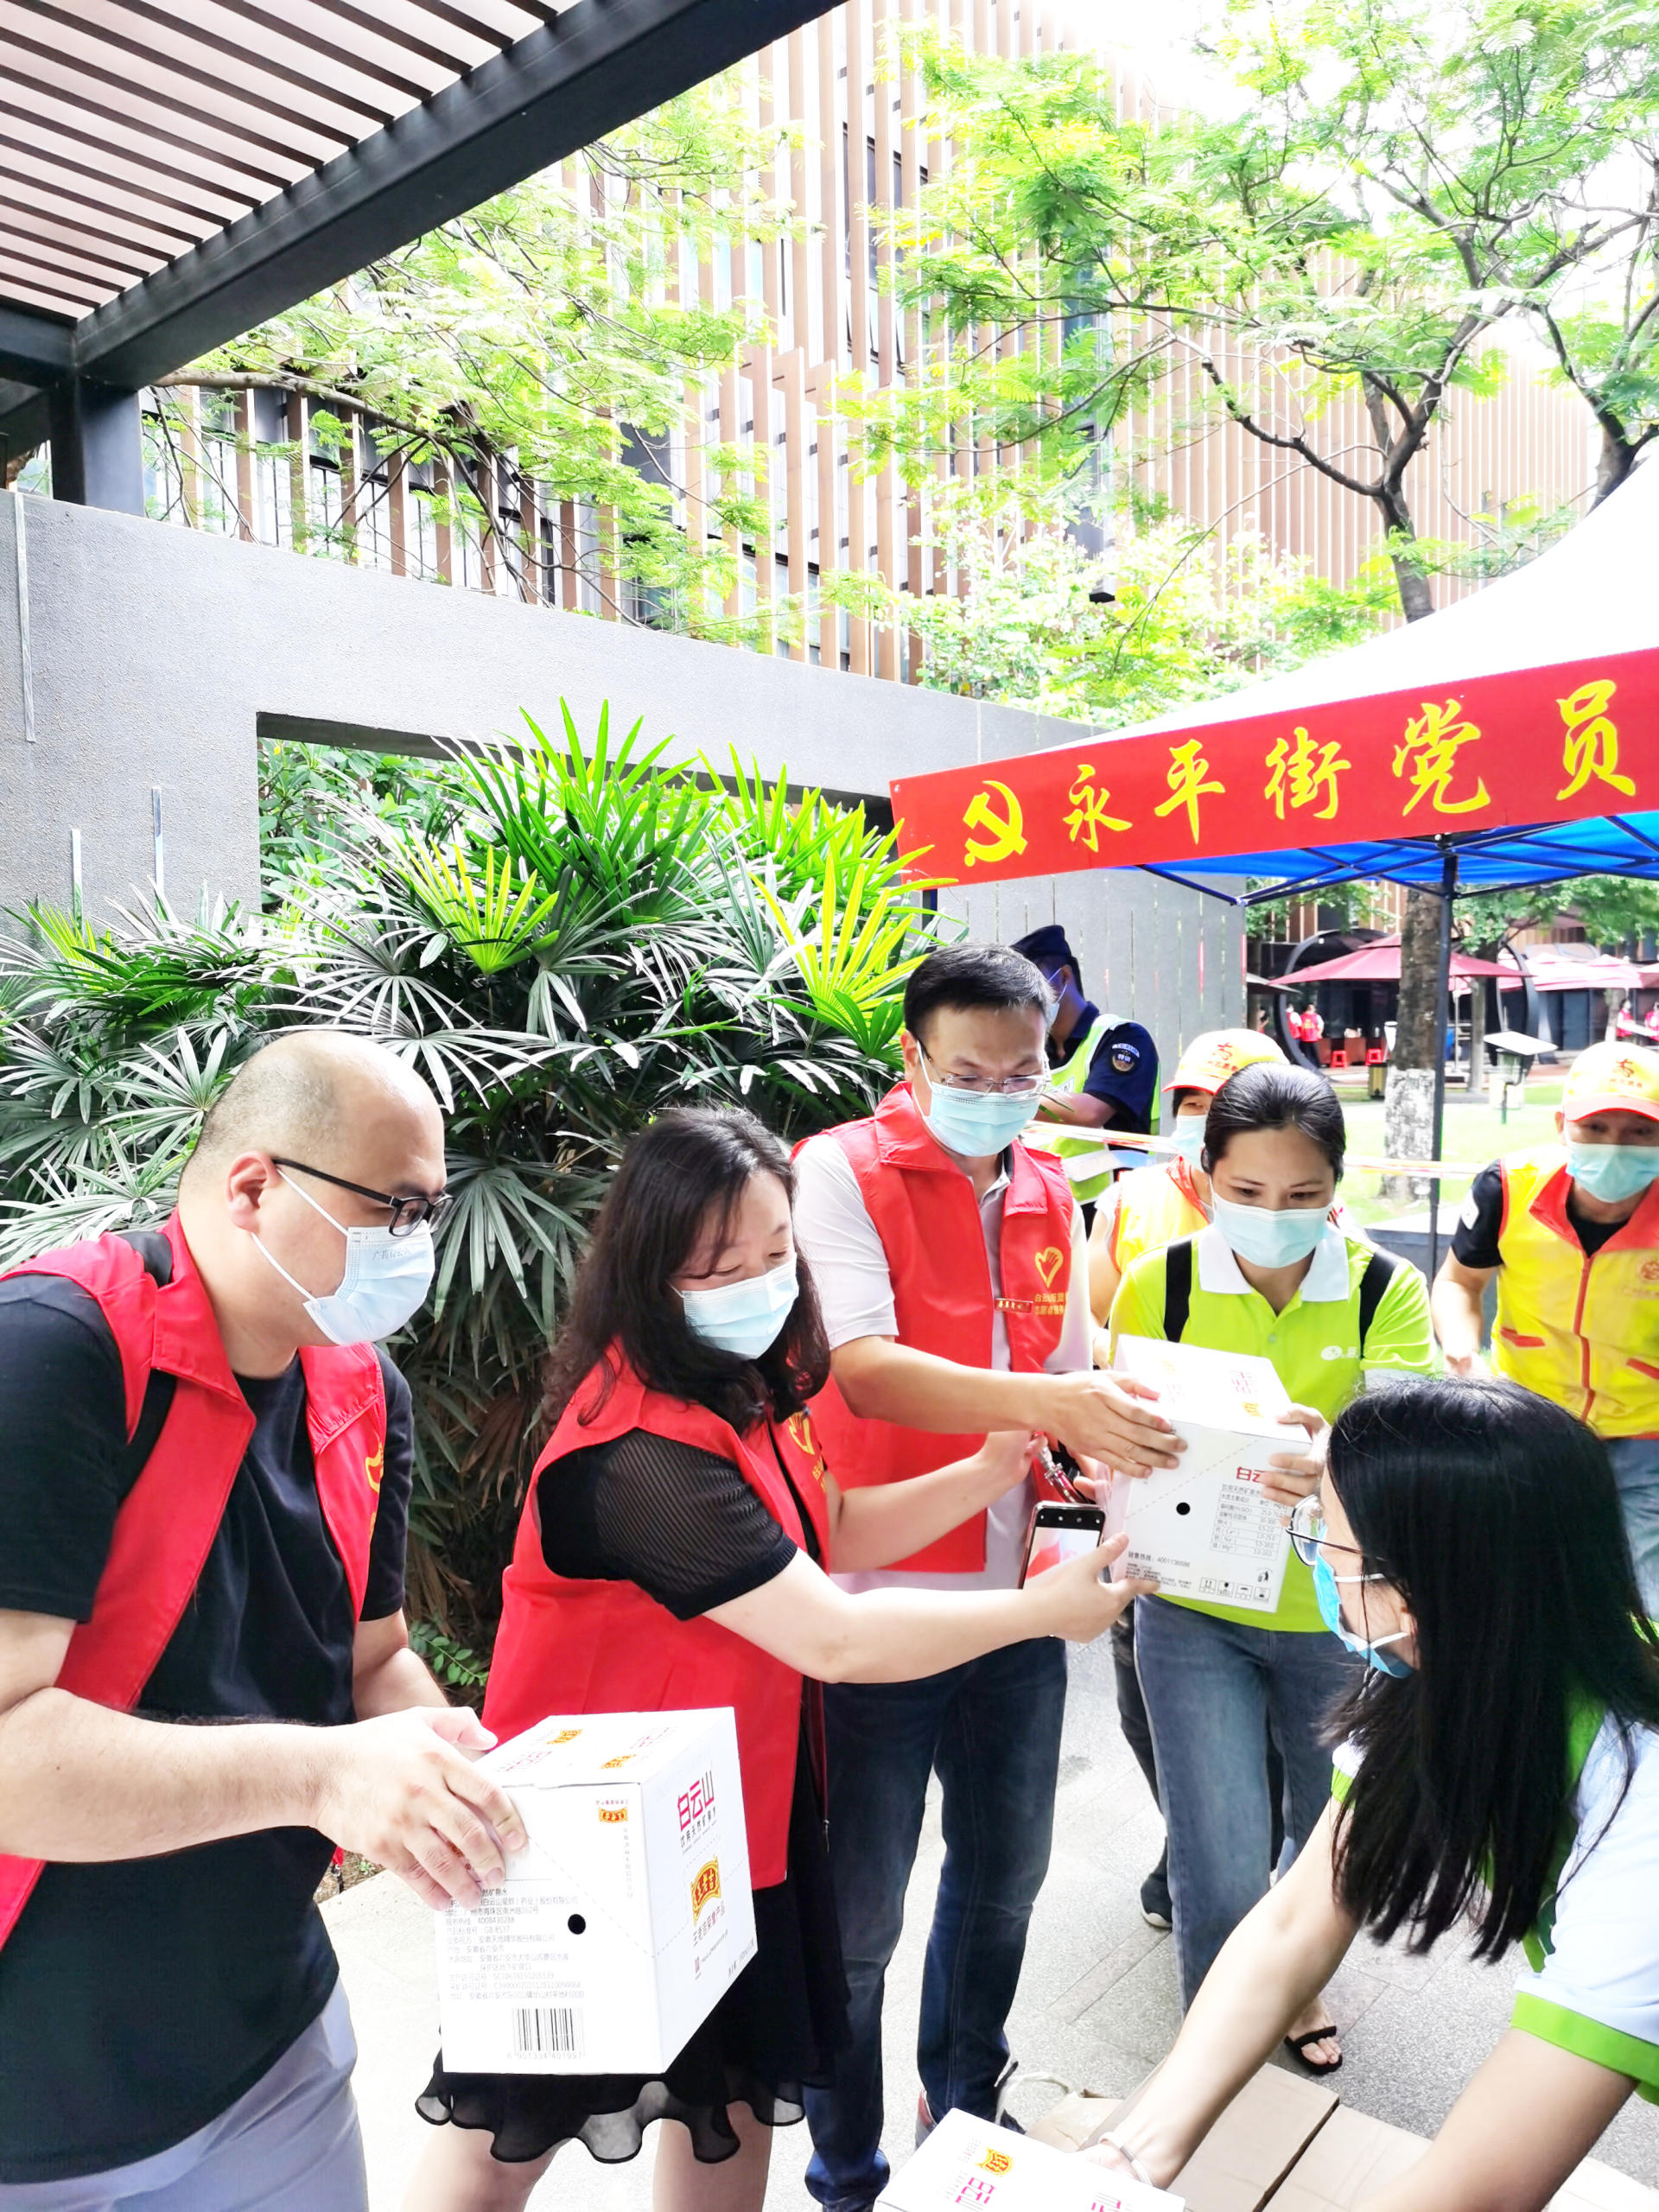 板蓝根颗粒所属白云山和黄中药捐赠防疫物资支持广州抗疫